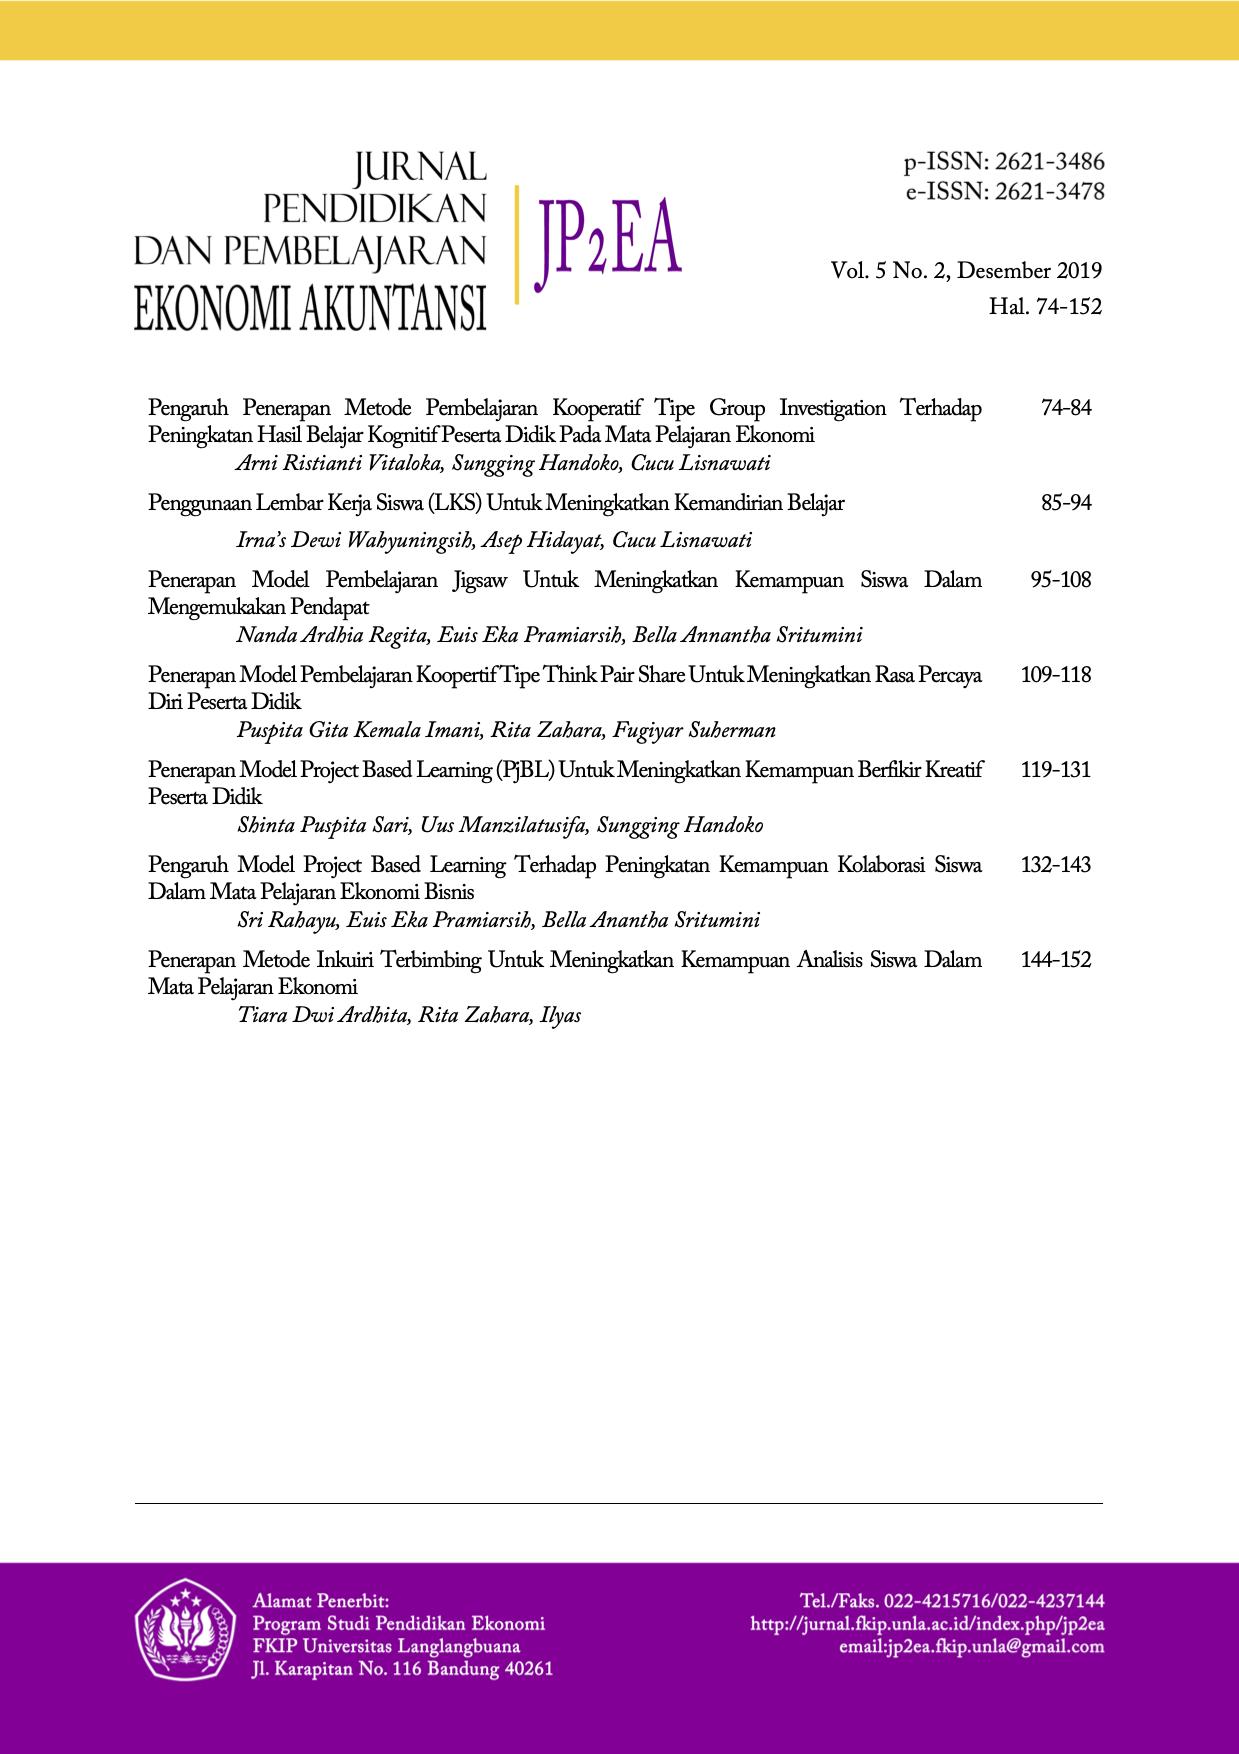 JP2EA | Jurnal Pendidikan dan Pembelajaran Ekonomi Akuntansi